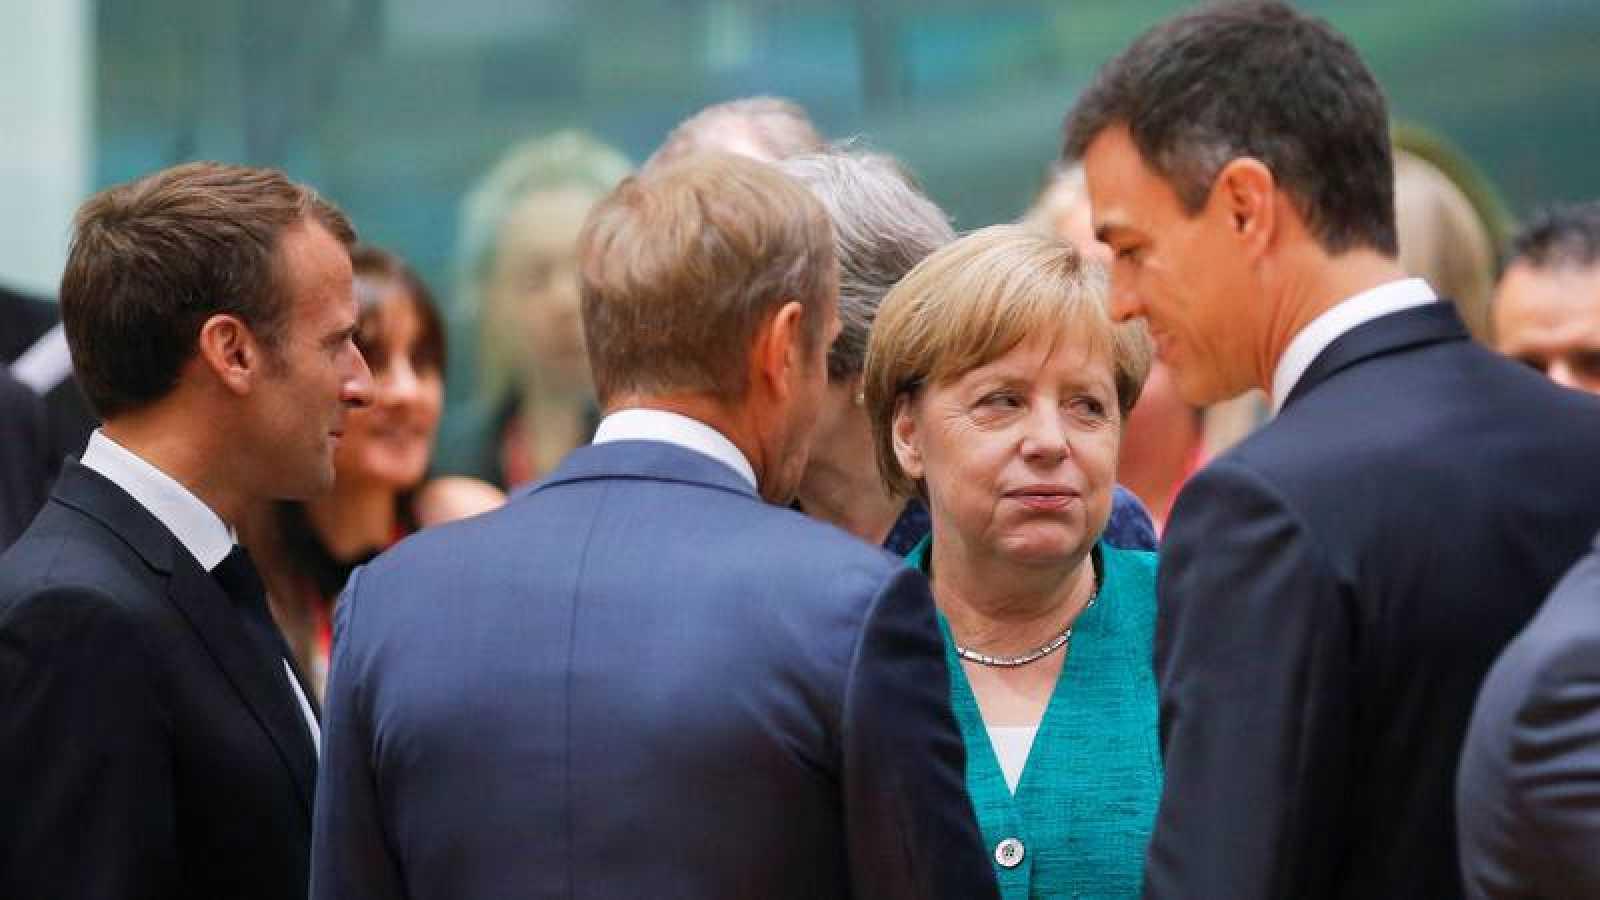 El presidente del Gobierno español, Pedro Sánchez, conversa con el presidente del Consejo Europeo, Donald Tusk, el presidente francés Emmanuel Macron, la canciller alemana Angela Merkel (Archivo)